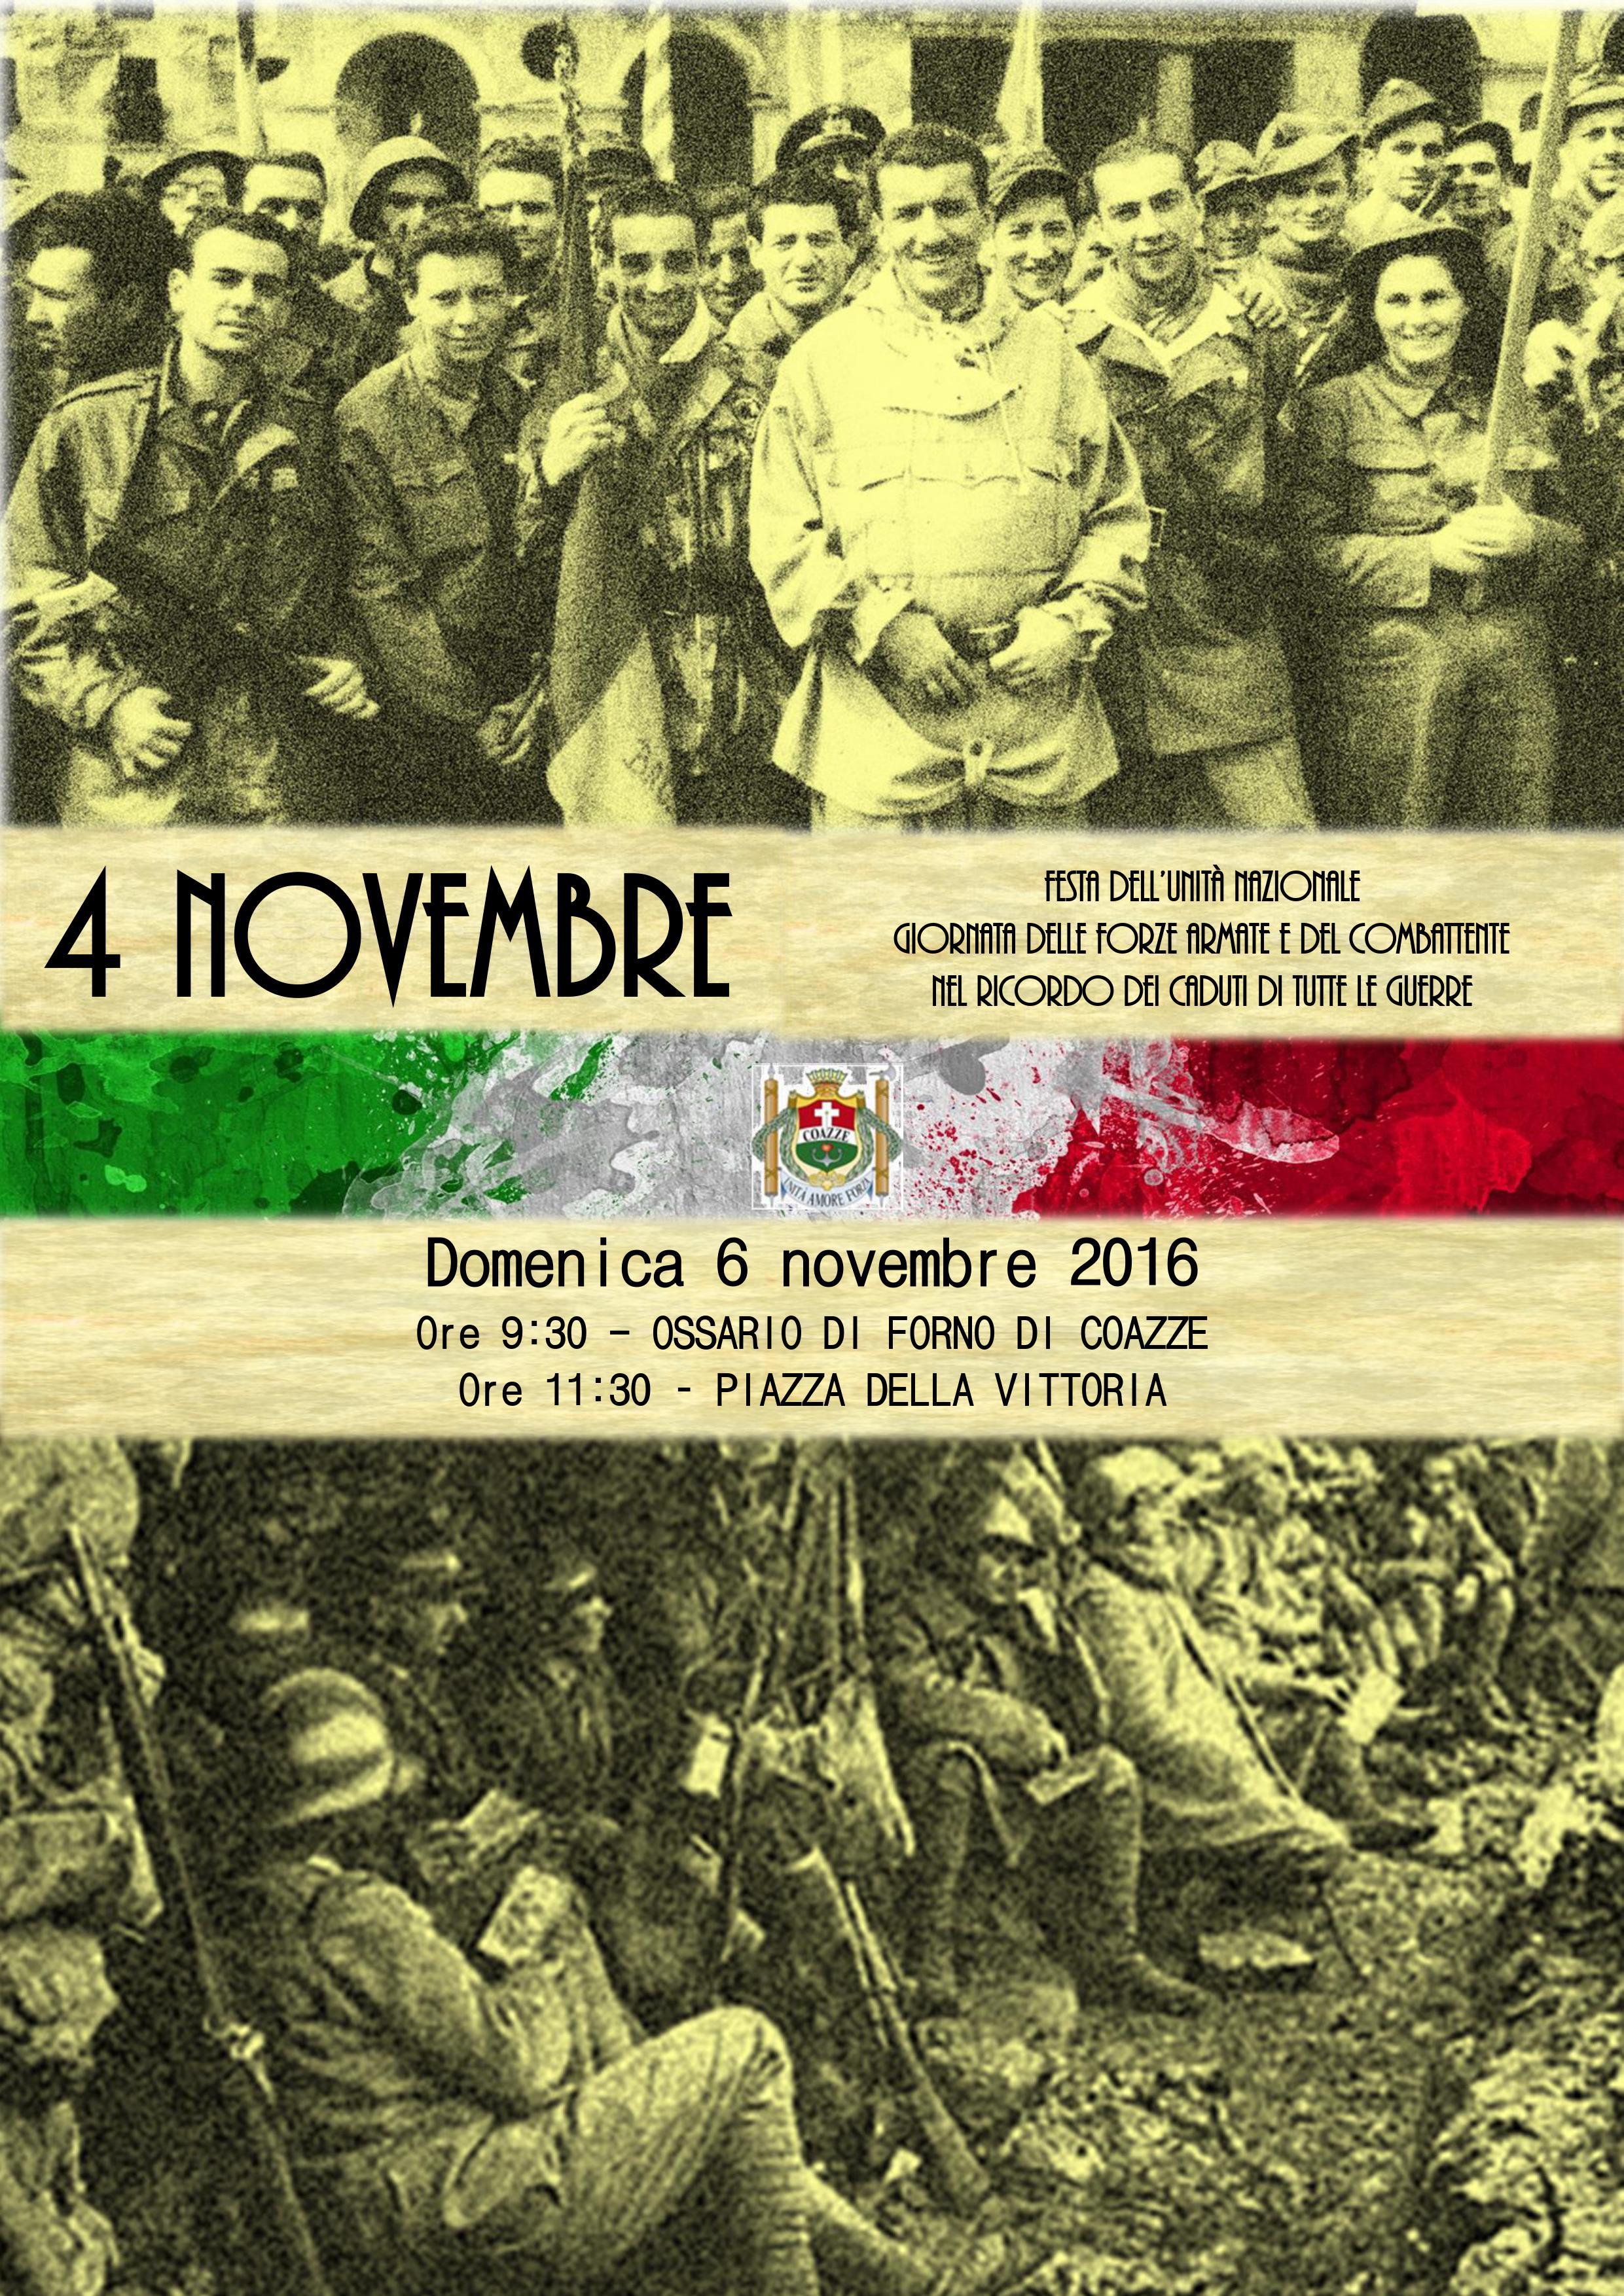 Festa dell'unità nazionale giornata delle forze armate e del combattente nel ricordo dei caduti di tutte le guerre Domenica 6 novembre 2016